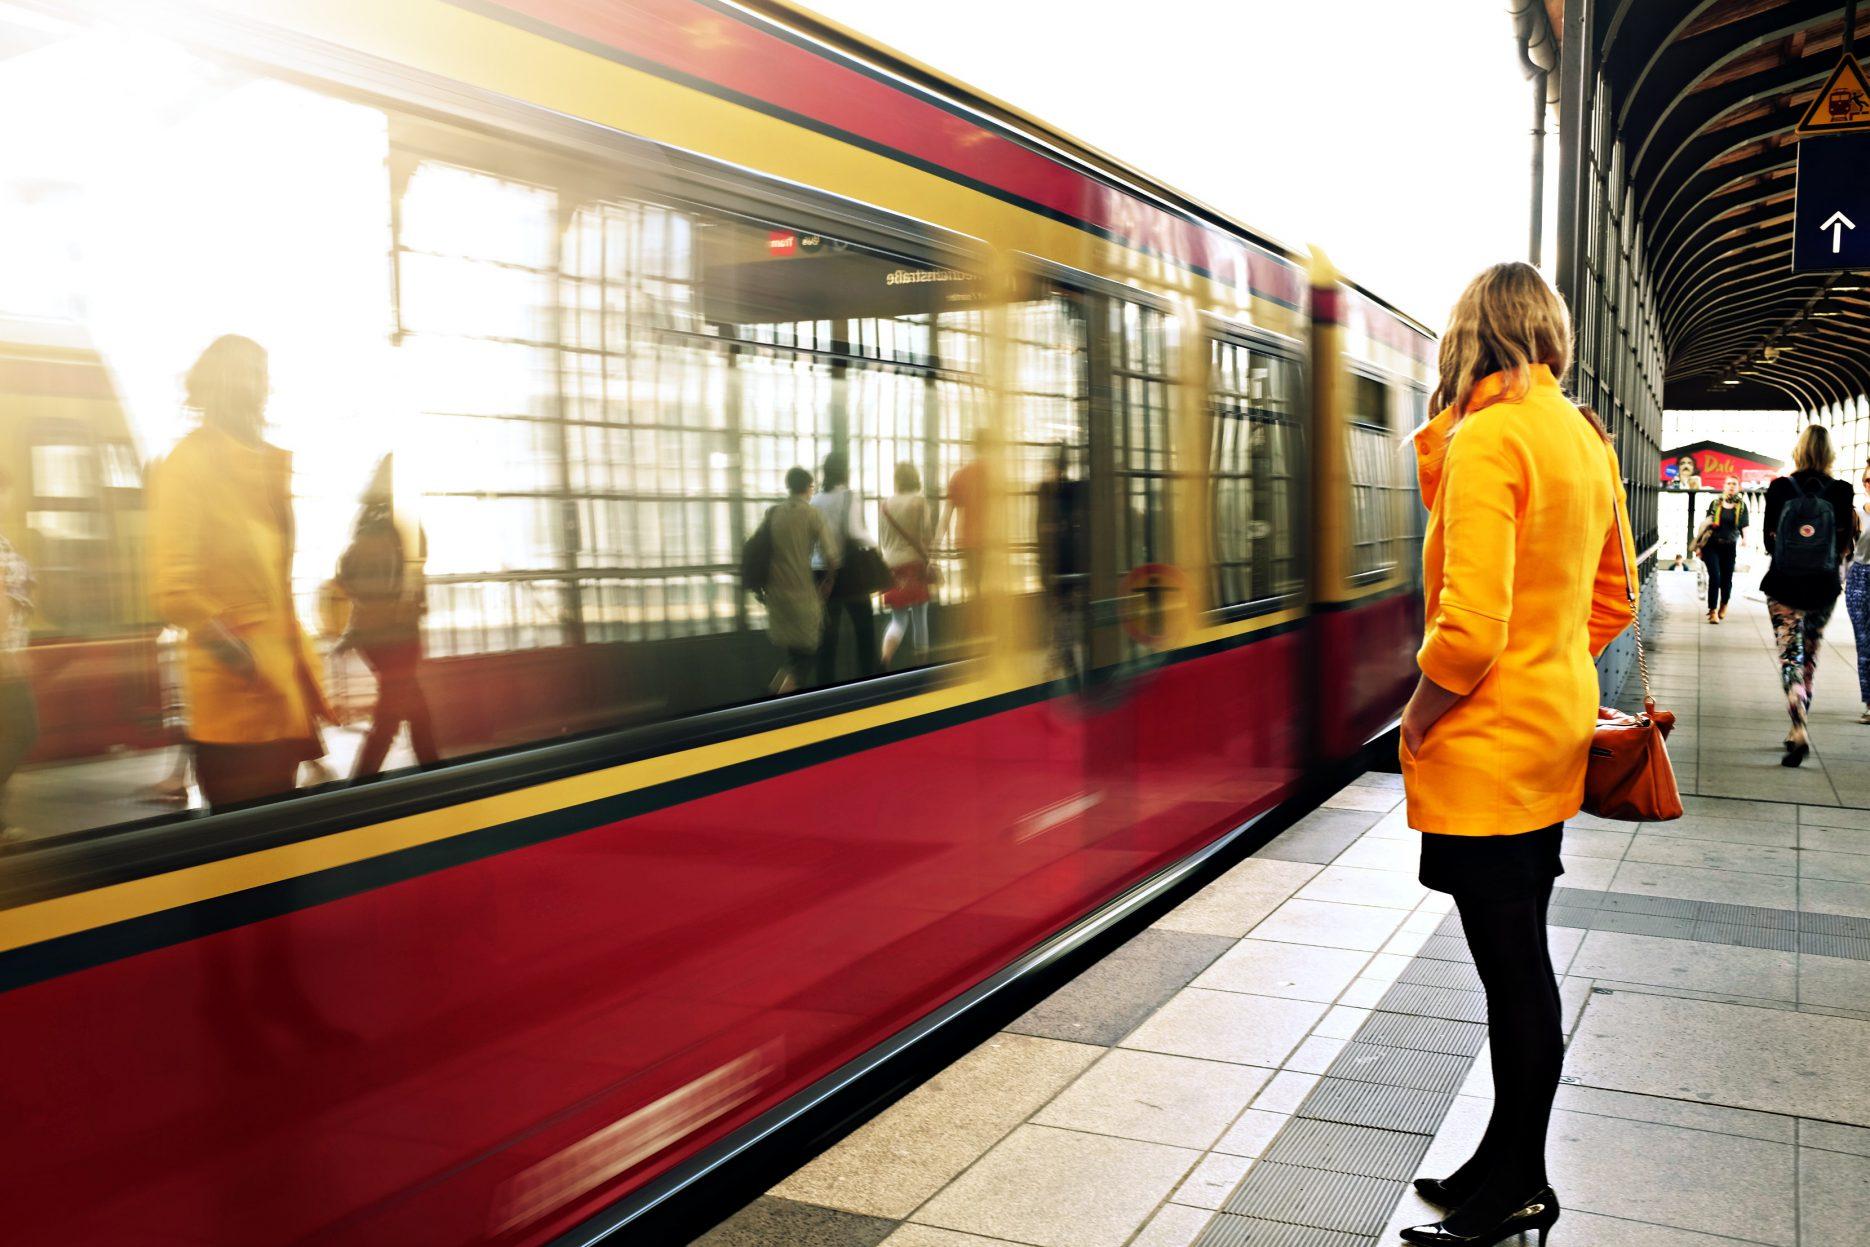 Bahn_Bahnsteig_warten_Friedrichstraße